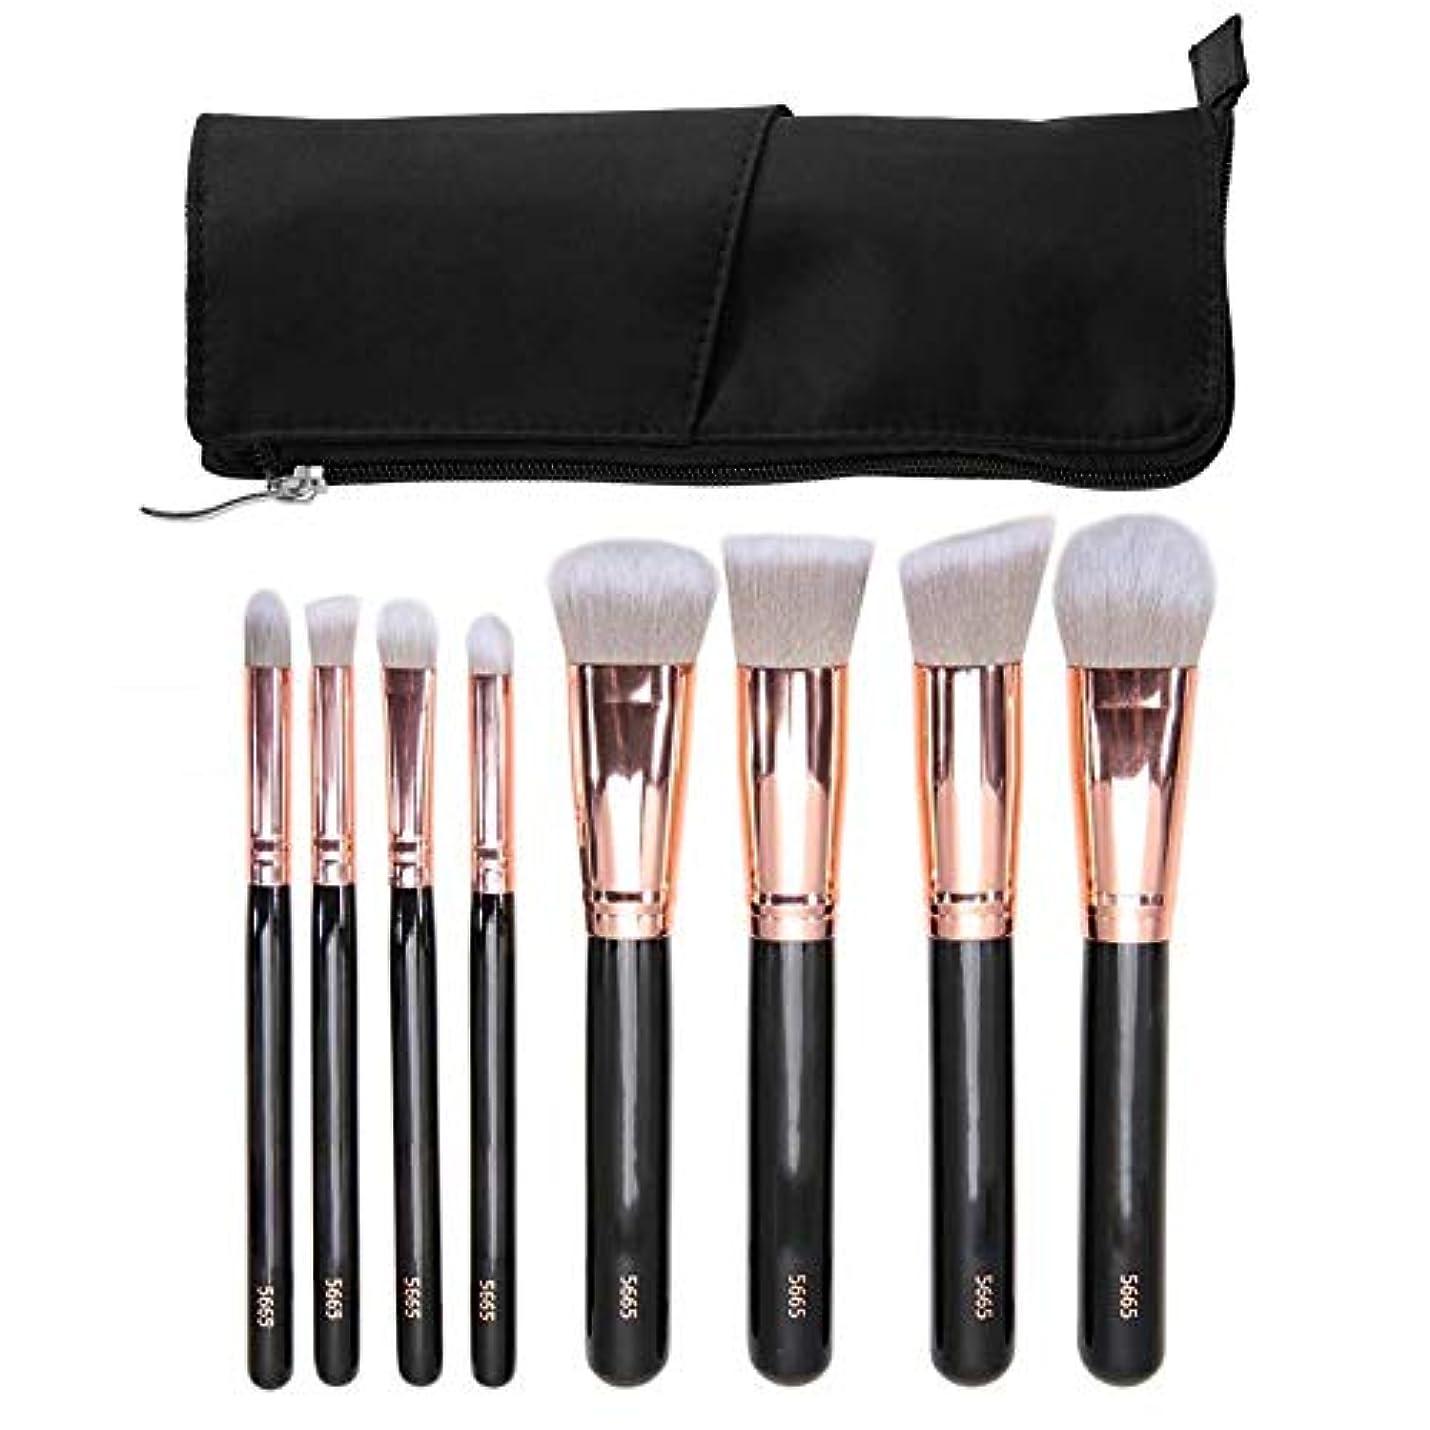 申し込む効果的顕現化粧ブラシ、ケース付きポータブル化粧ブラシファンデーションキット頬紅アイシャドウ化粧品ツール(8個) (ゴールド)